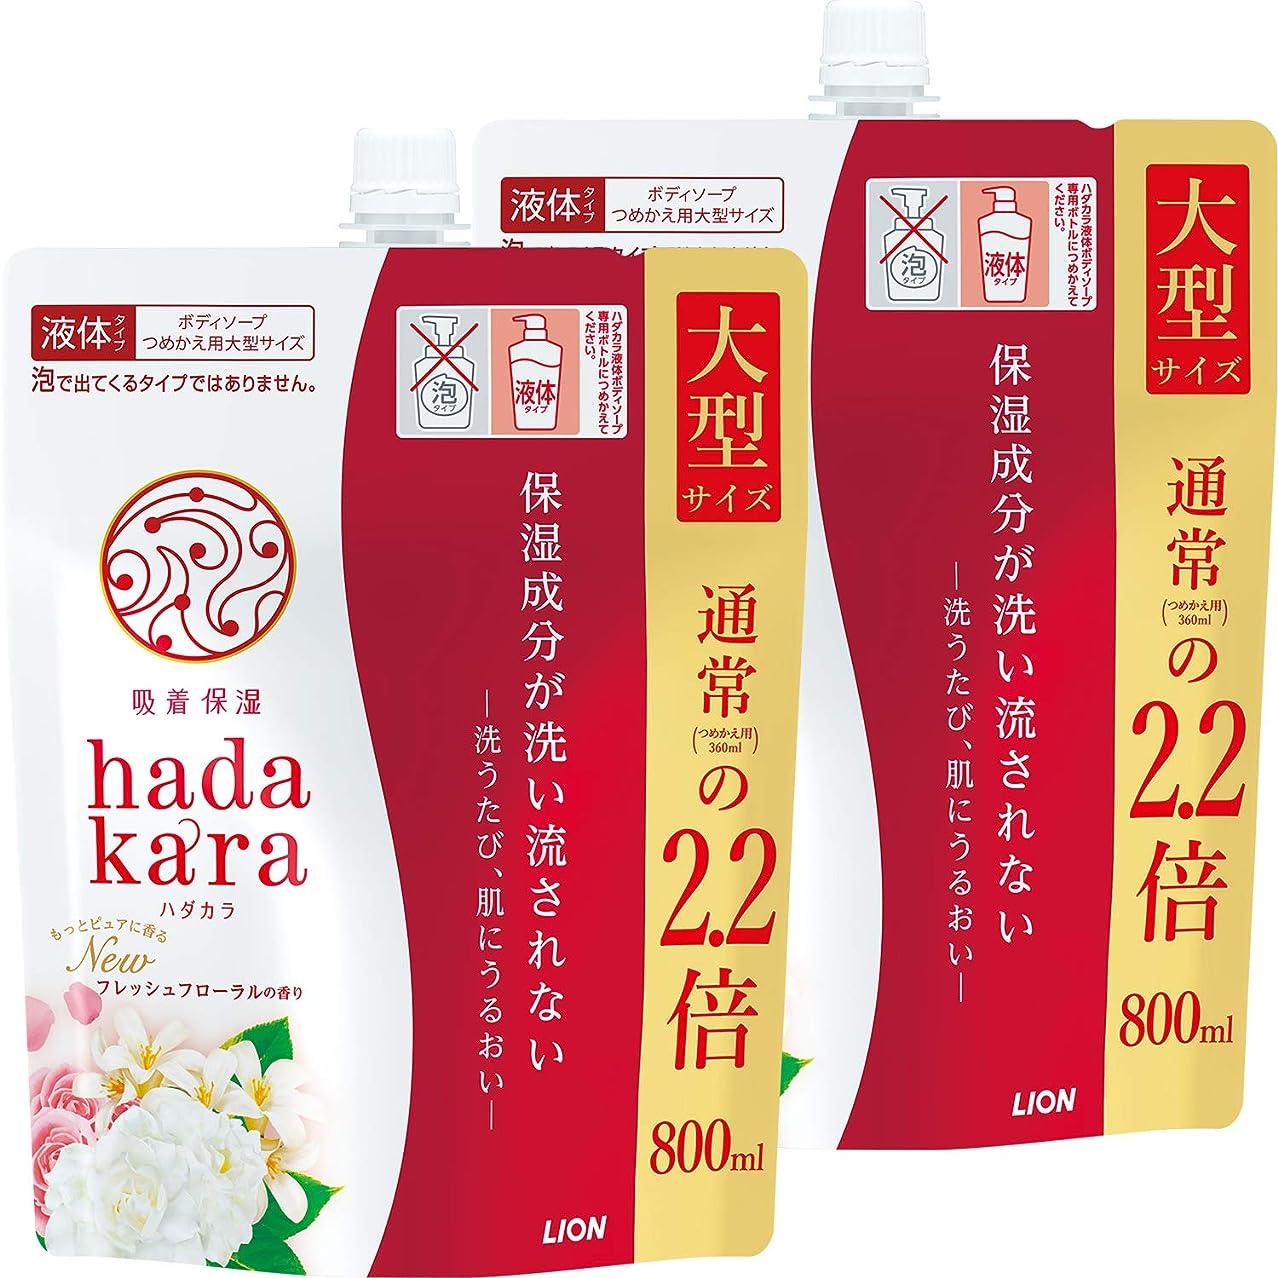 謝罪するエレベーターカウンタhadakara(ハダカラ) ボディソープ フレッシュフローラルの香り つめかえ用大型サイズ 800ml×2個